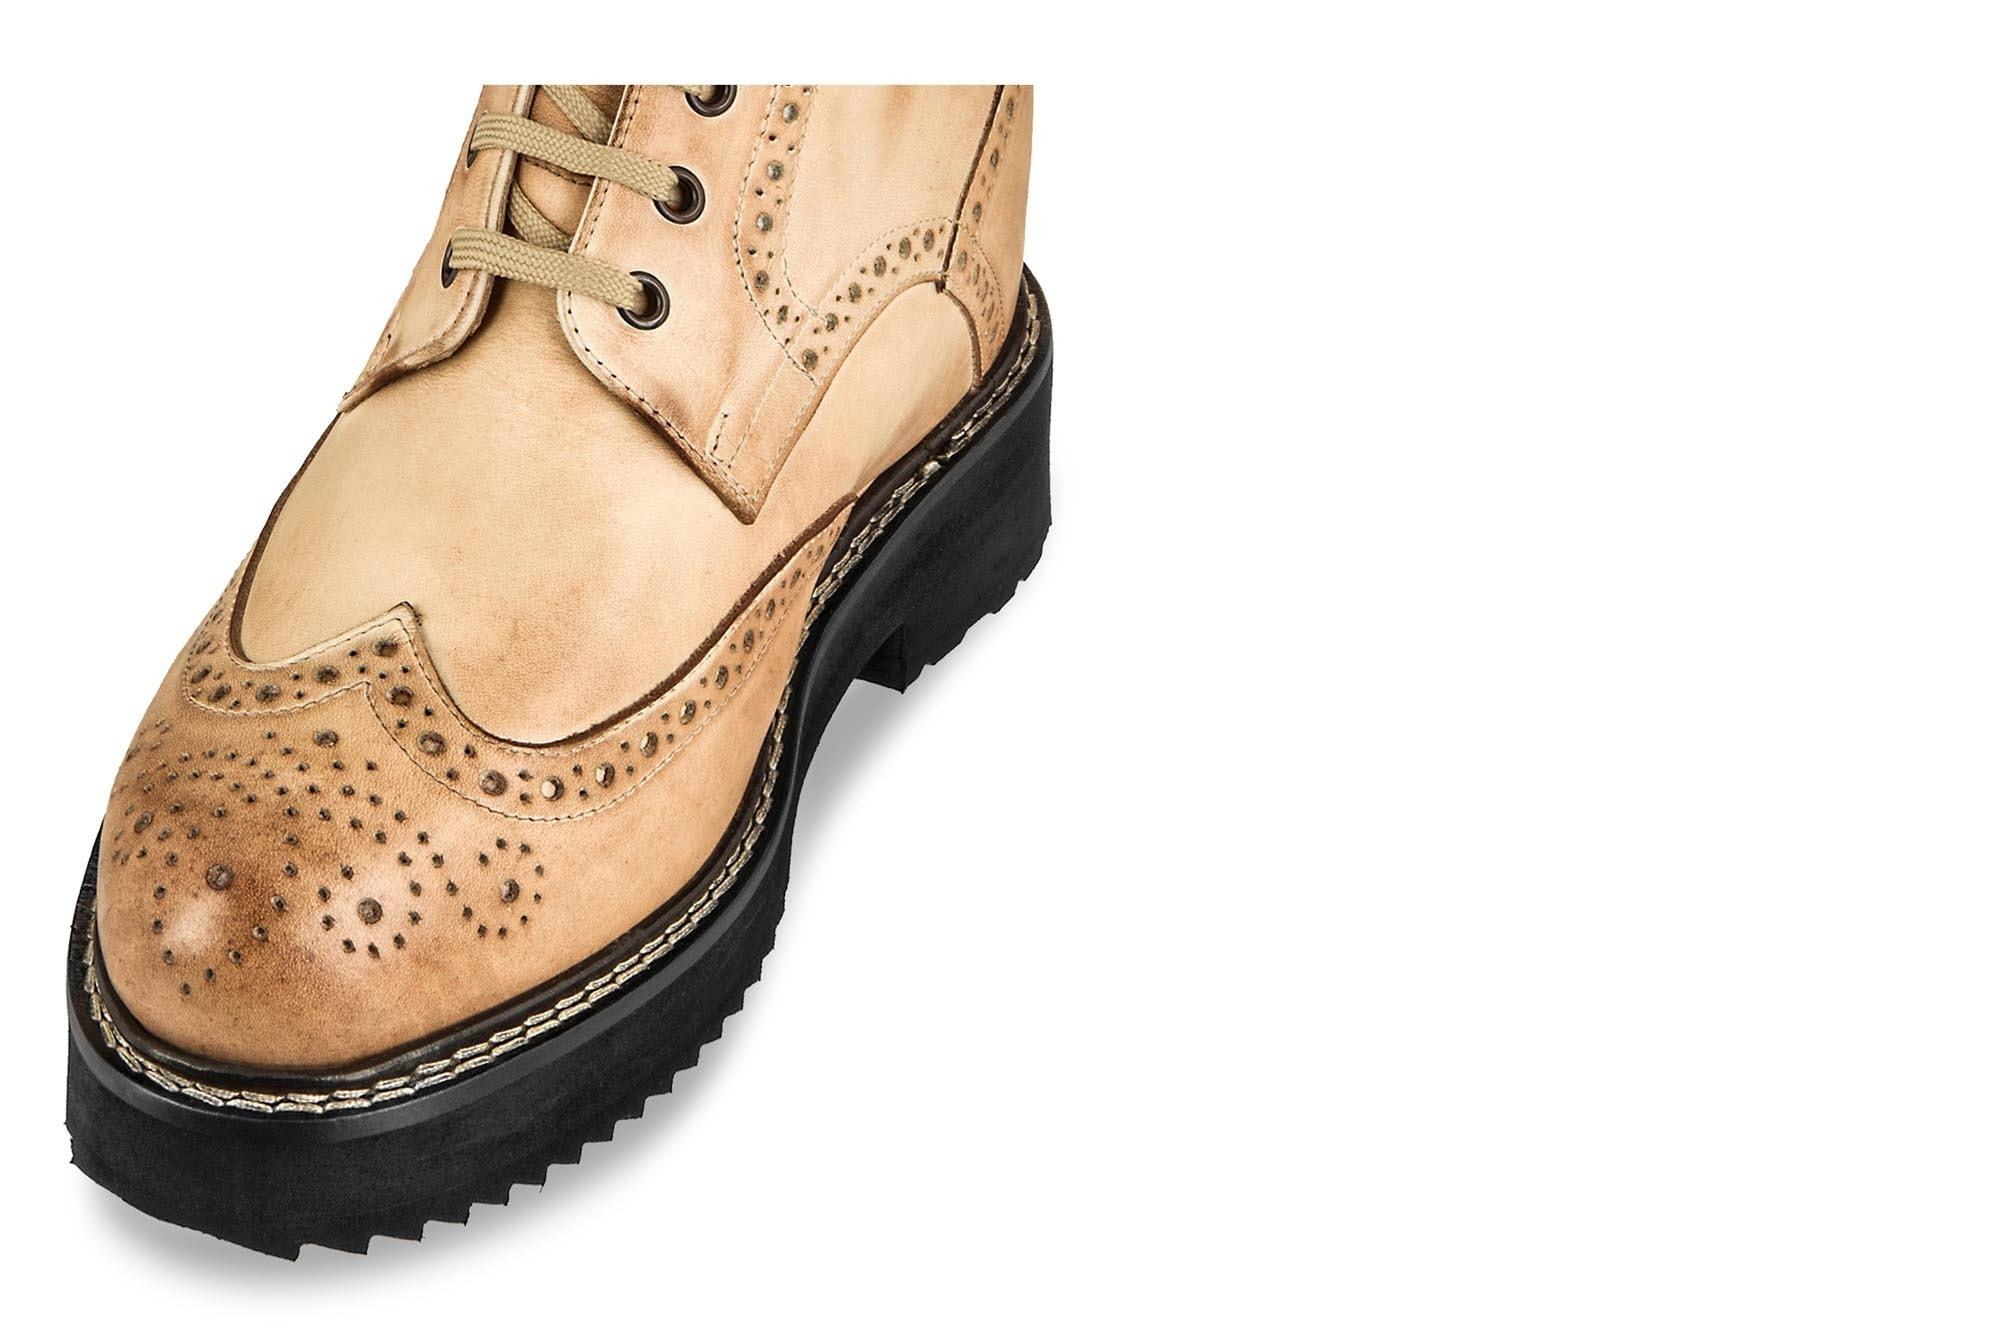 Stivali con rialzo